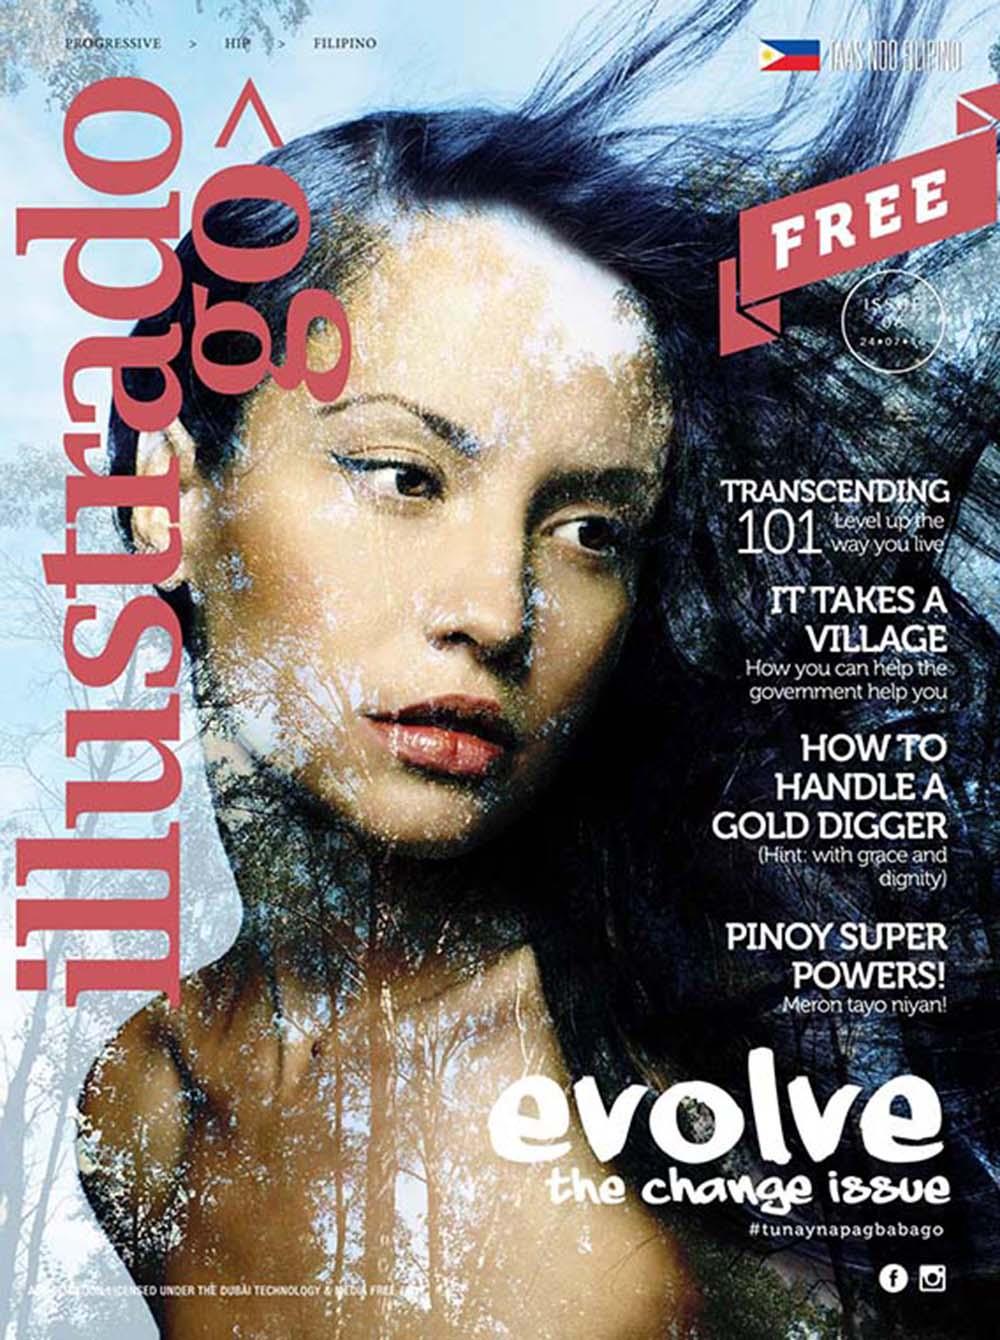 COVER 6.jpg